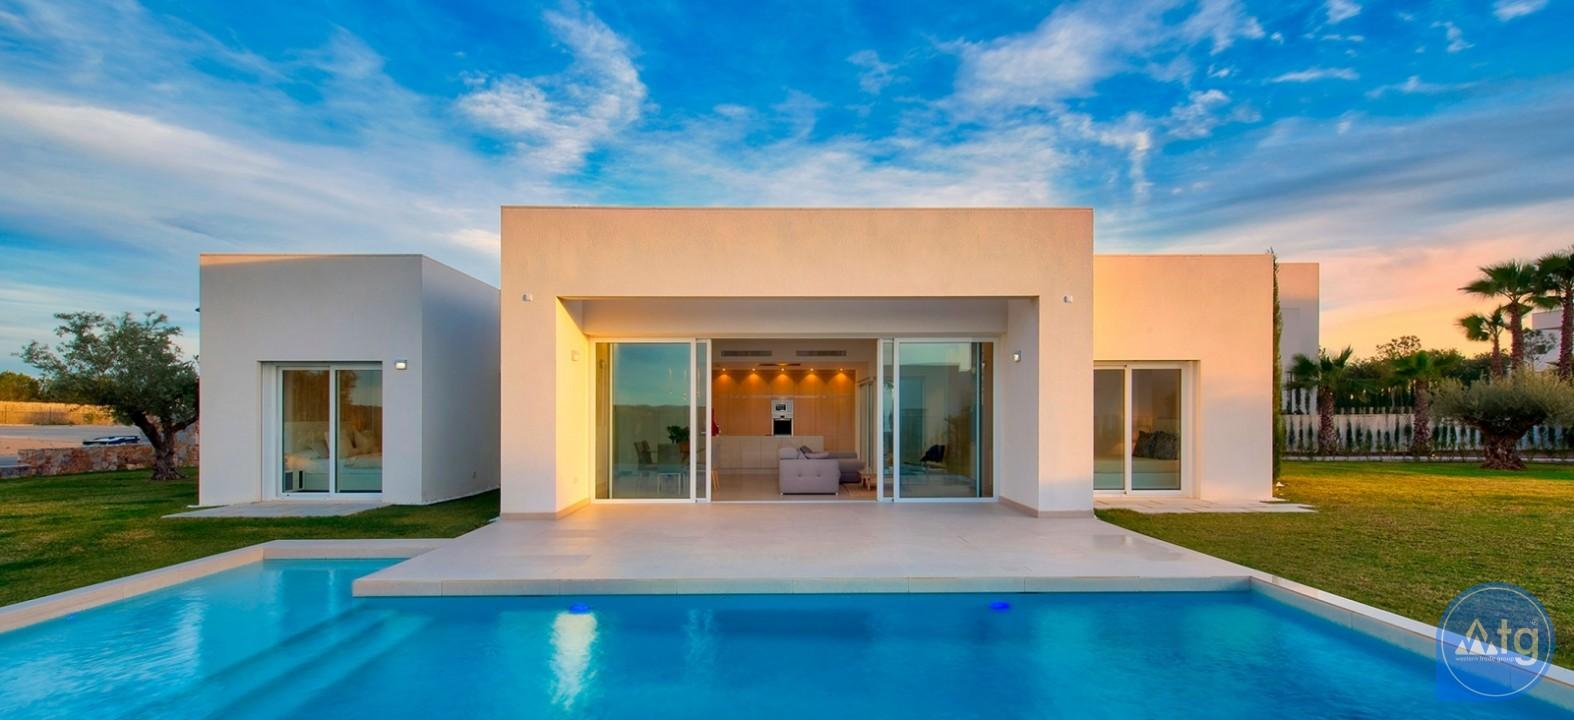 1 bedroom Apartment in Pilar de la Horadada  - SR2615 - 1